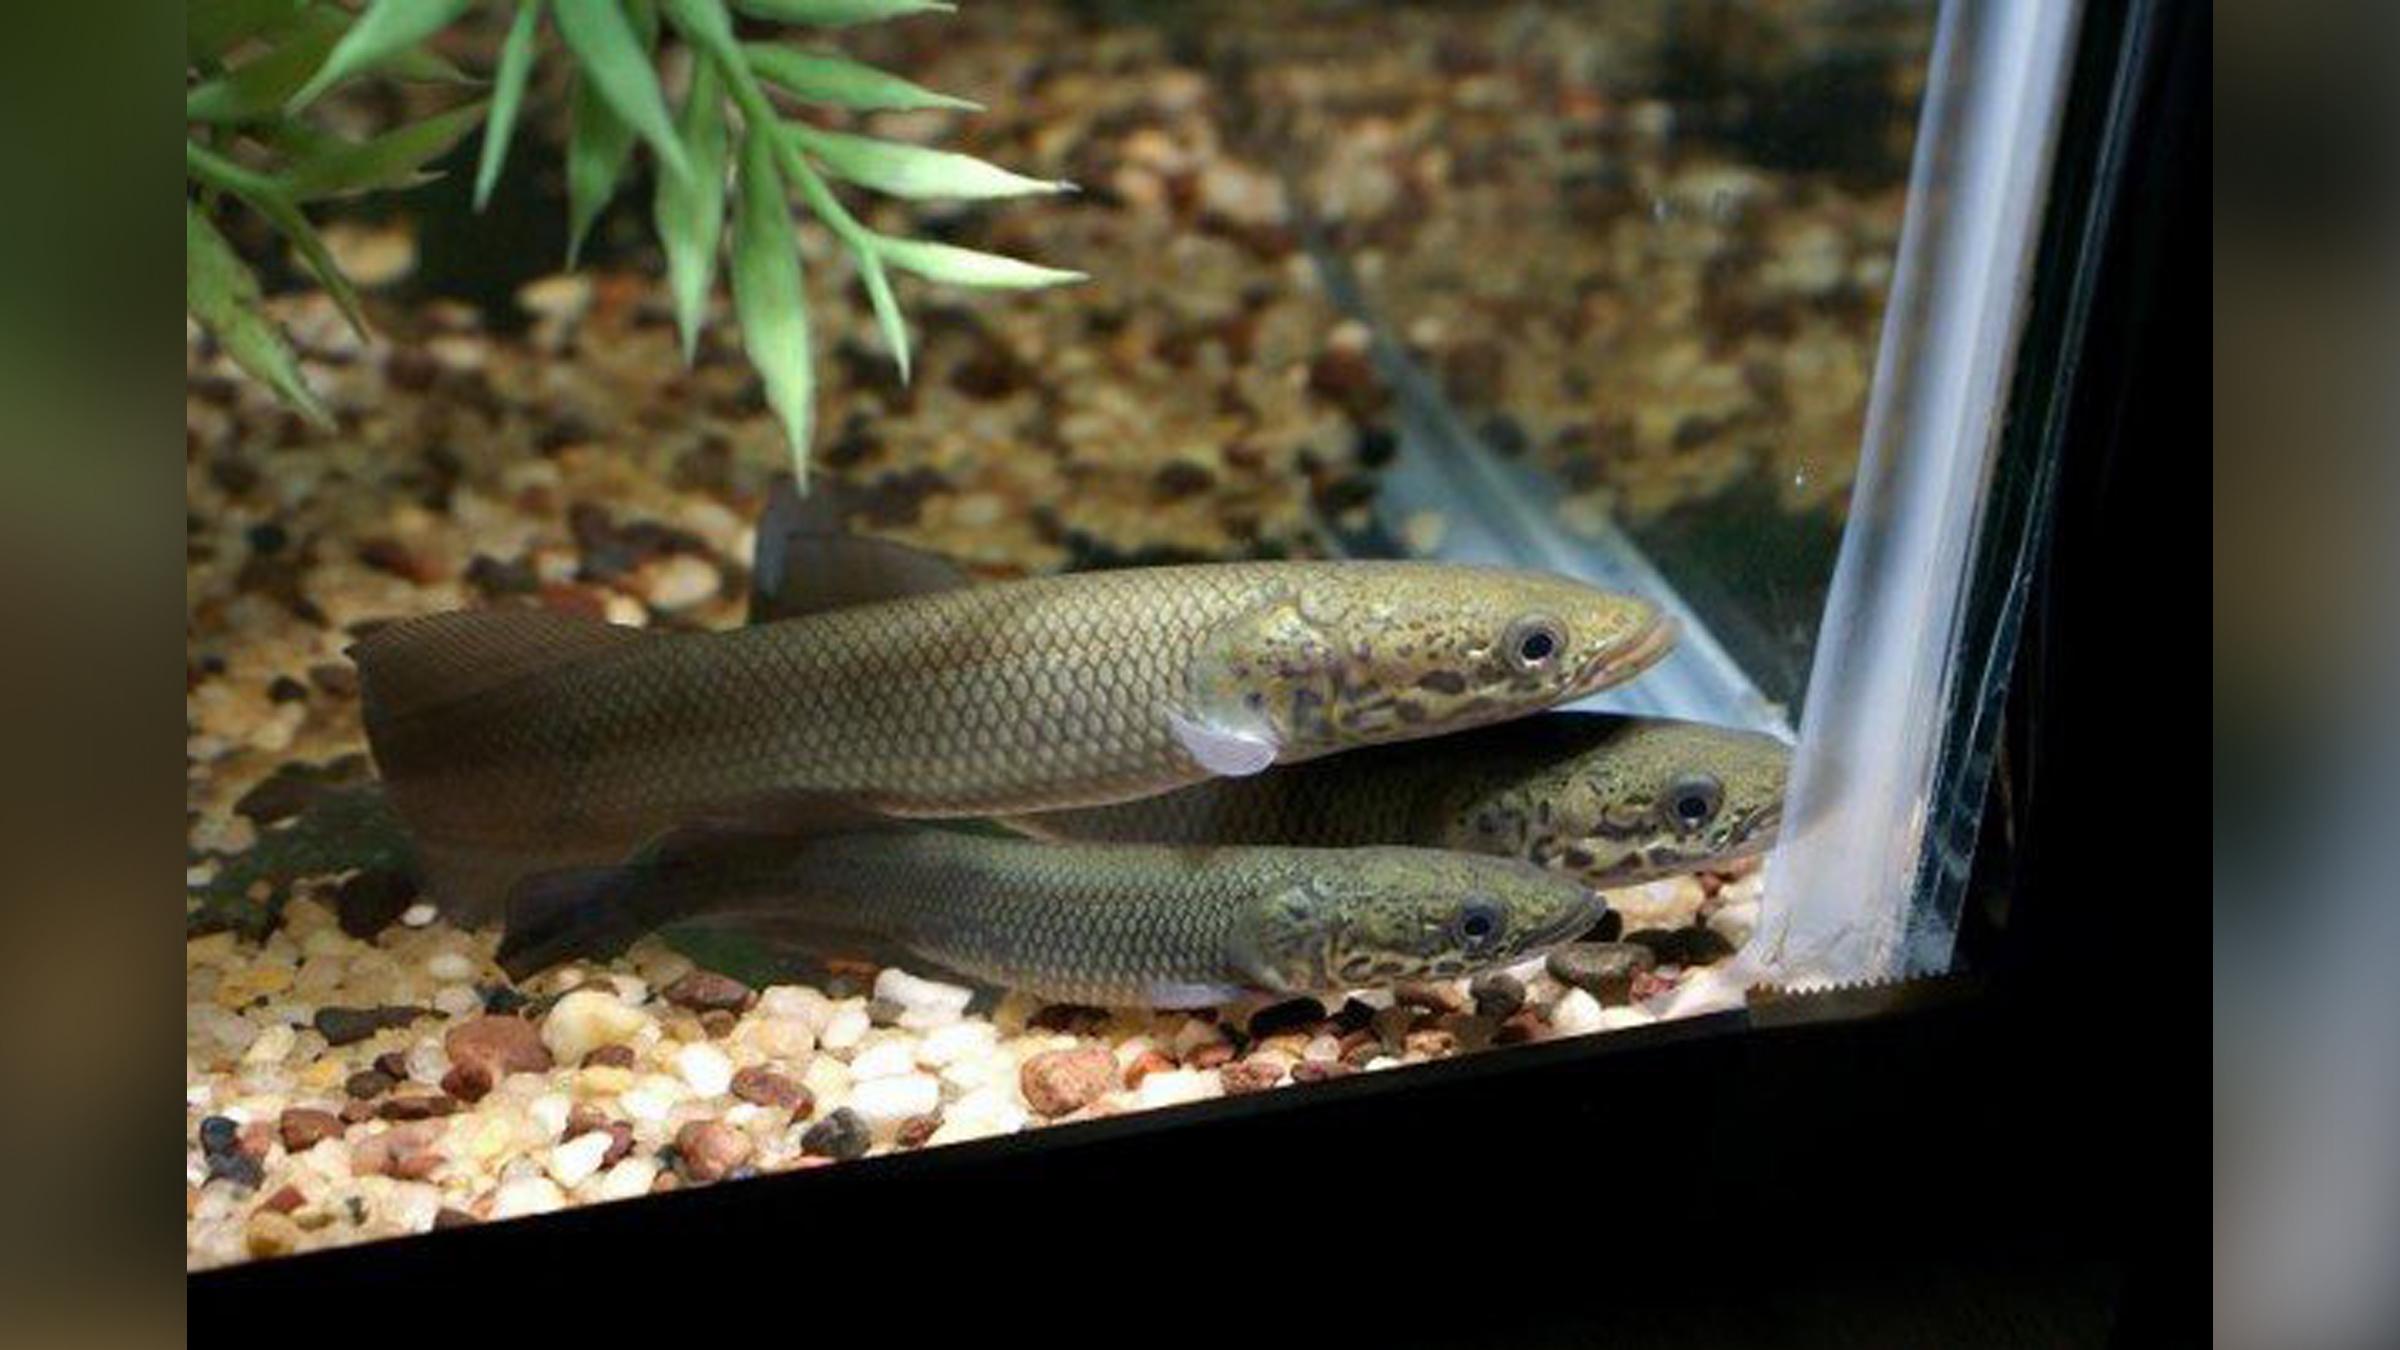 Arapaima, en particulier les bébés arapaima comme ceux présentés ici, sont populaires dans les aquariums privés.